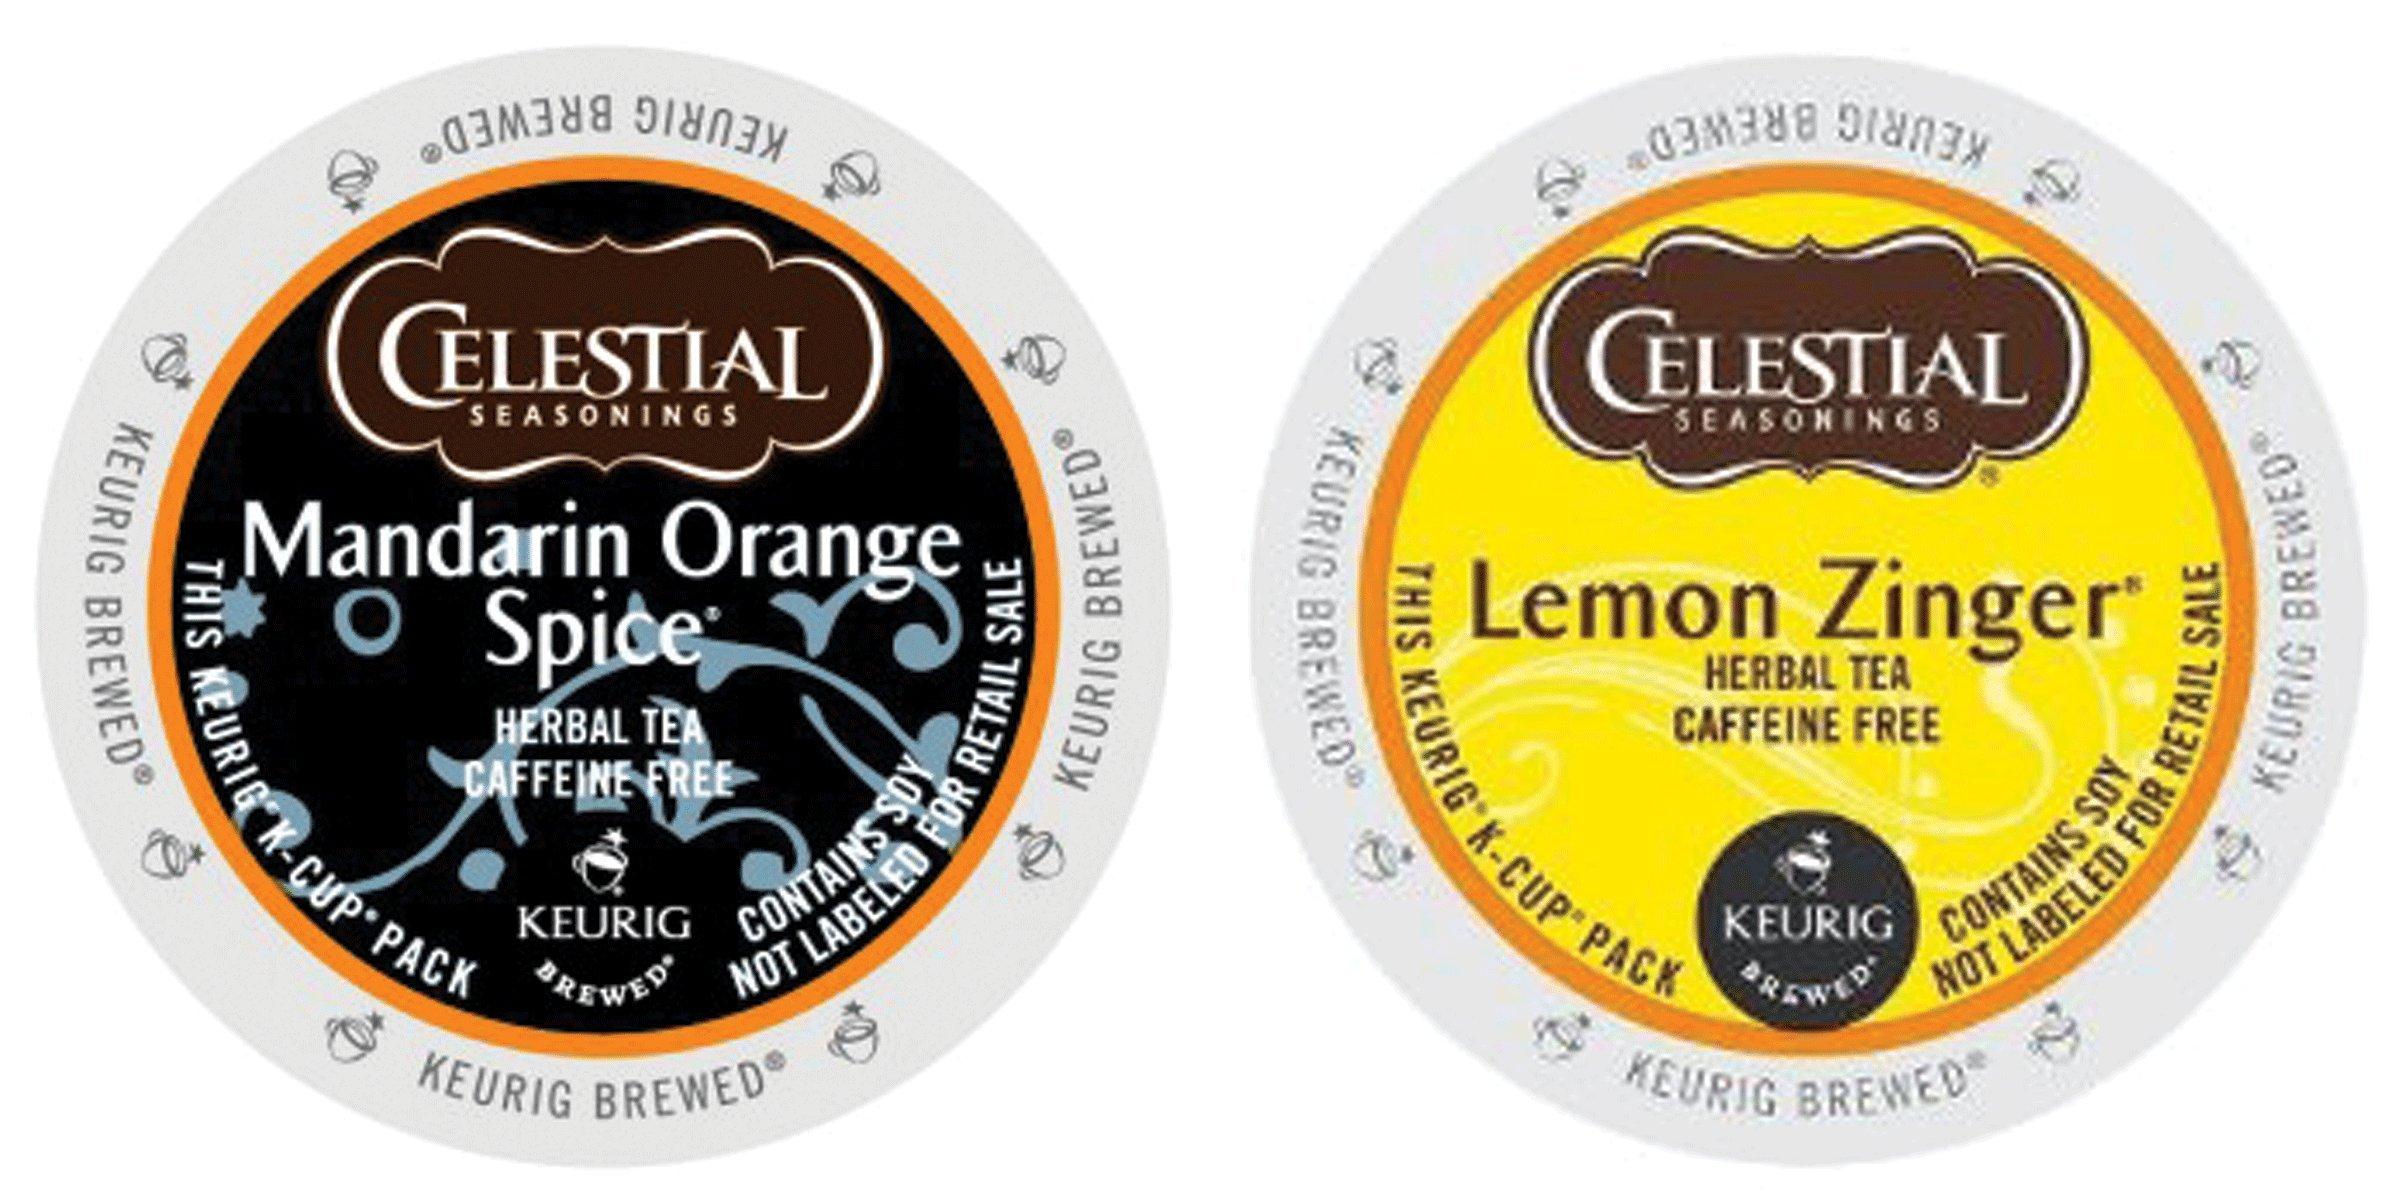 CDM product Celestial Seasonings - Mandarin Orange Spice & Lemon Zinger K-cup Combo Pack for Keurig 2.0 - 48 Count/24 Per Box big image